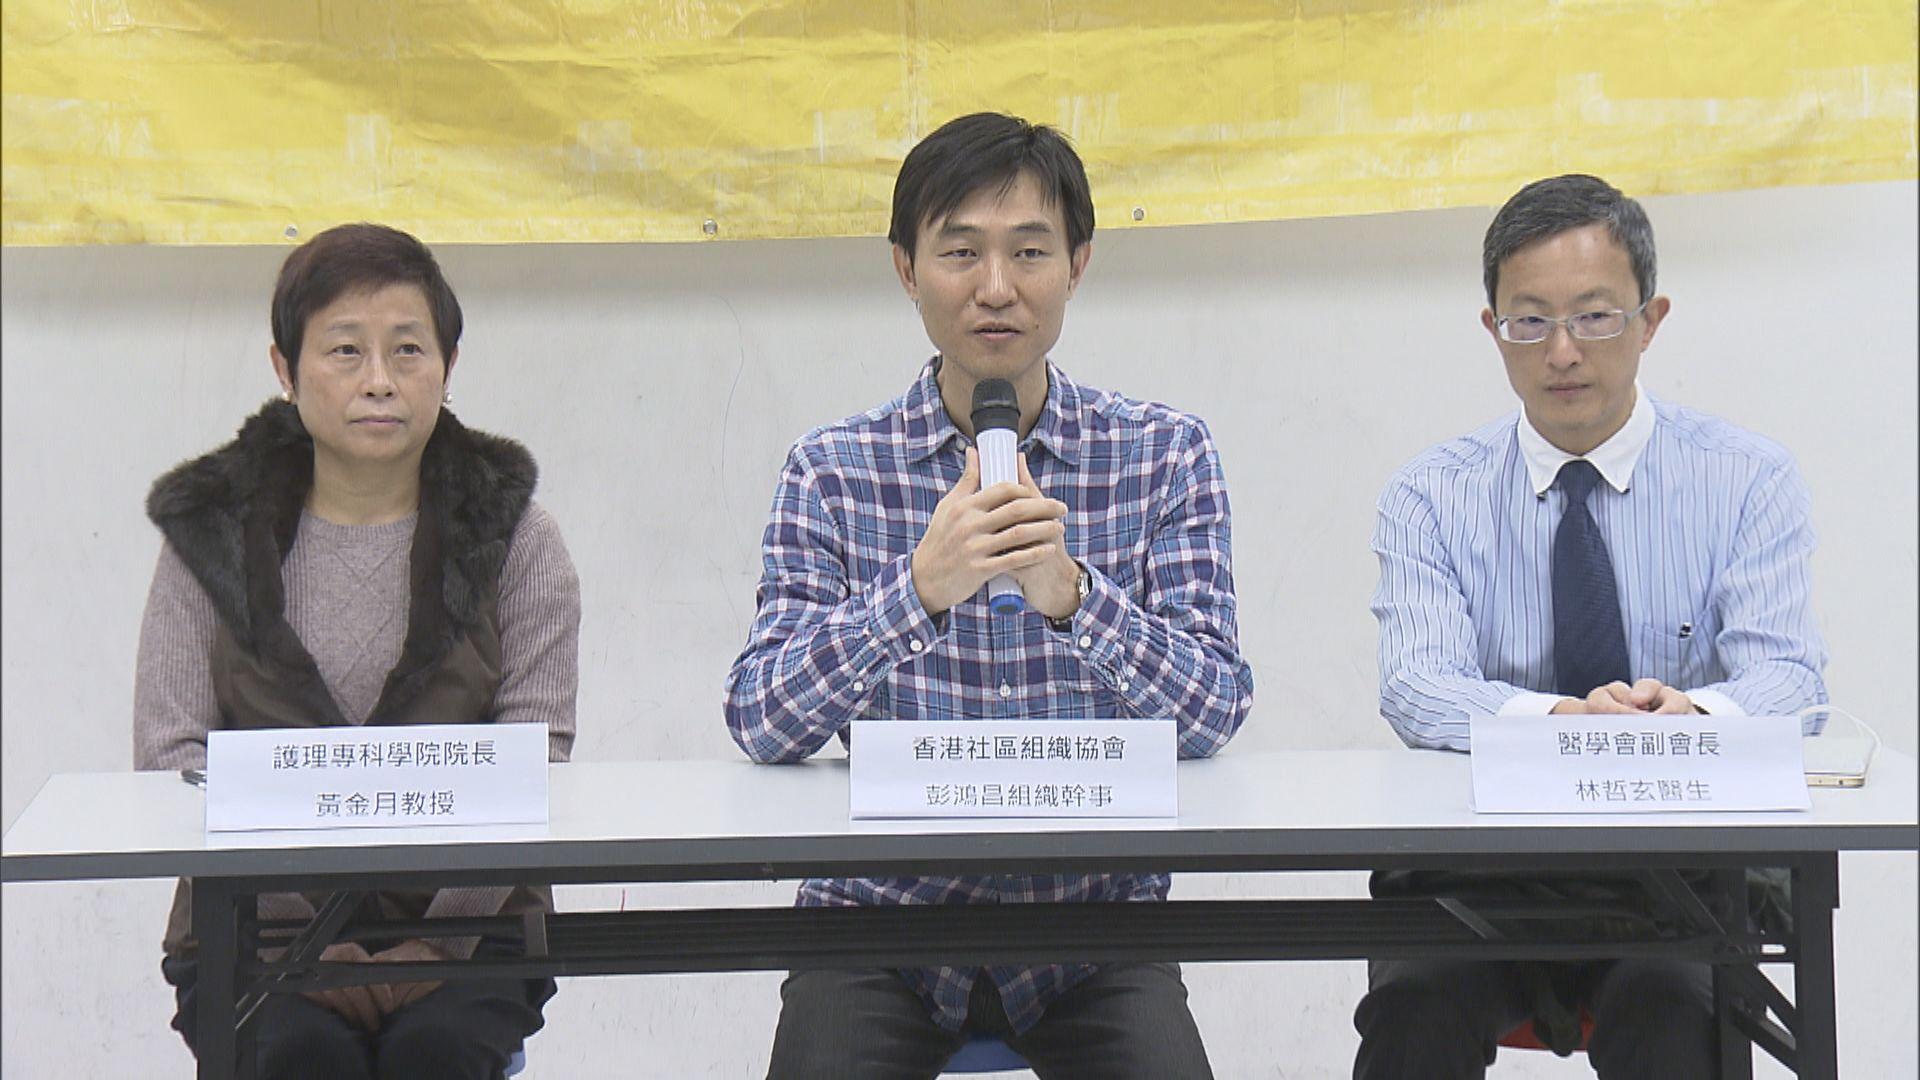 社區組織協會:病人福祉因罷工無辜受害